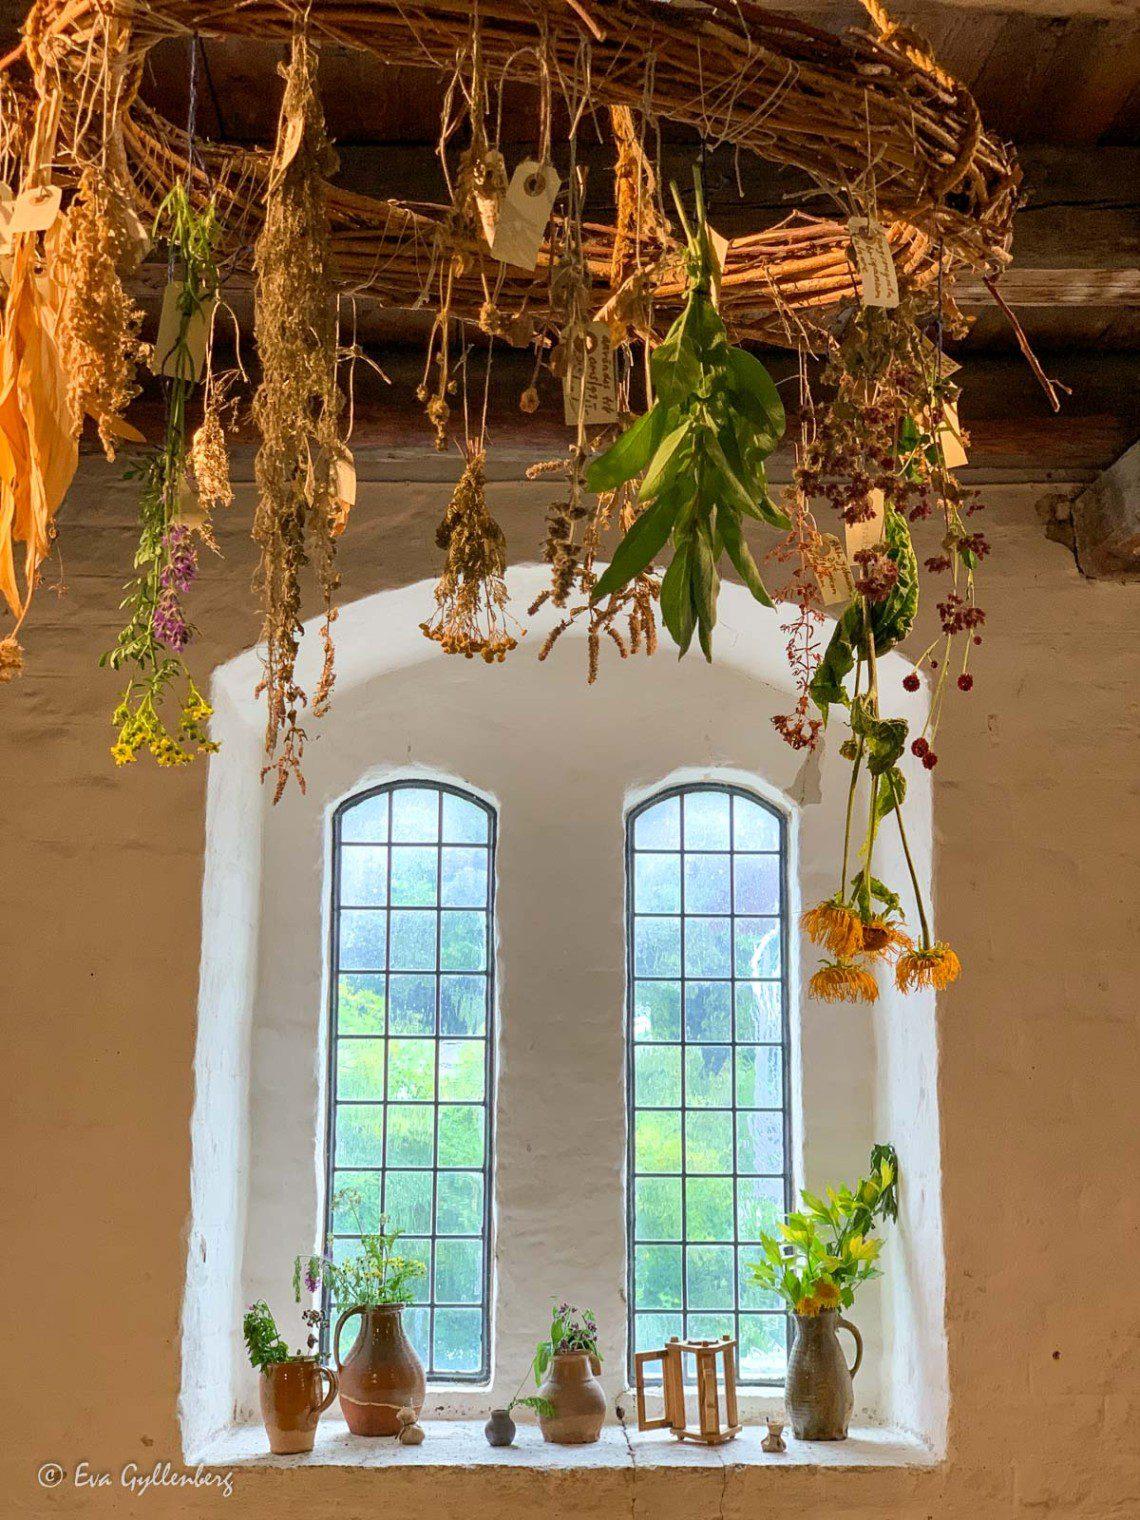 Torkade växter hänger från taket i Kulturen i Lund - Skåne